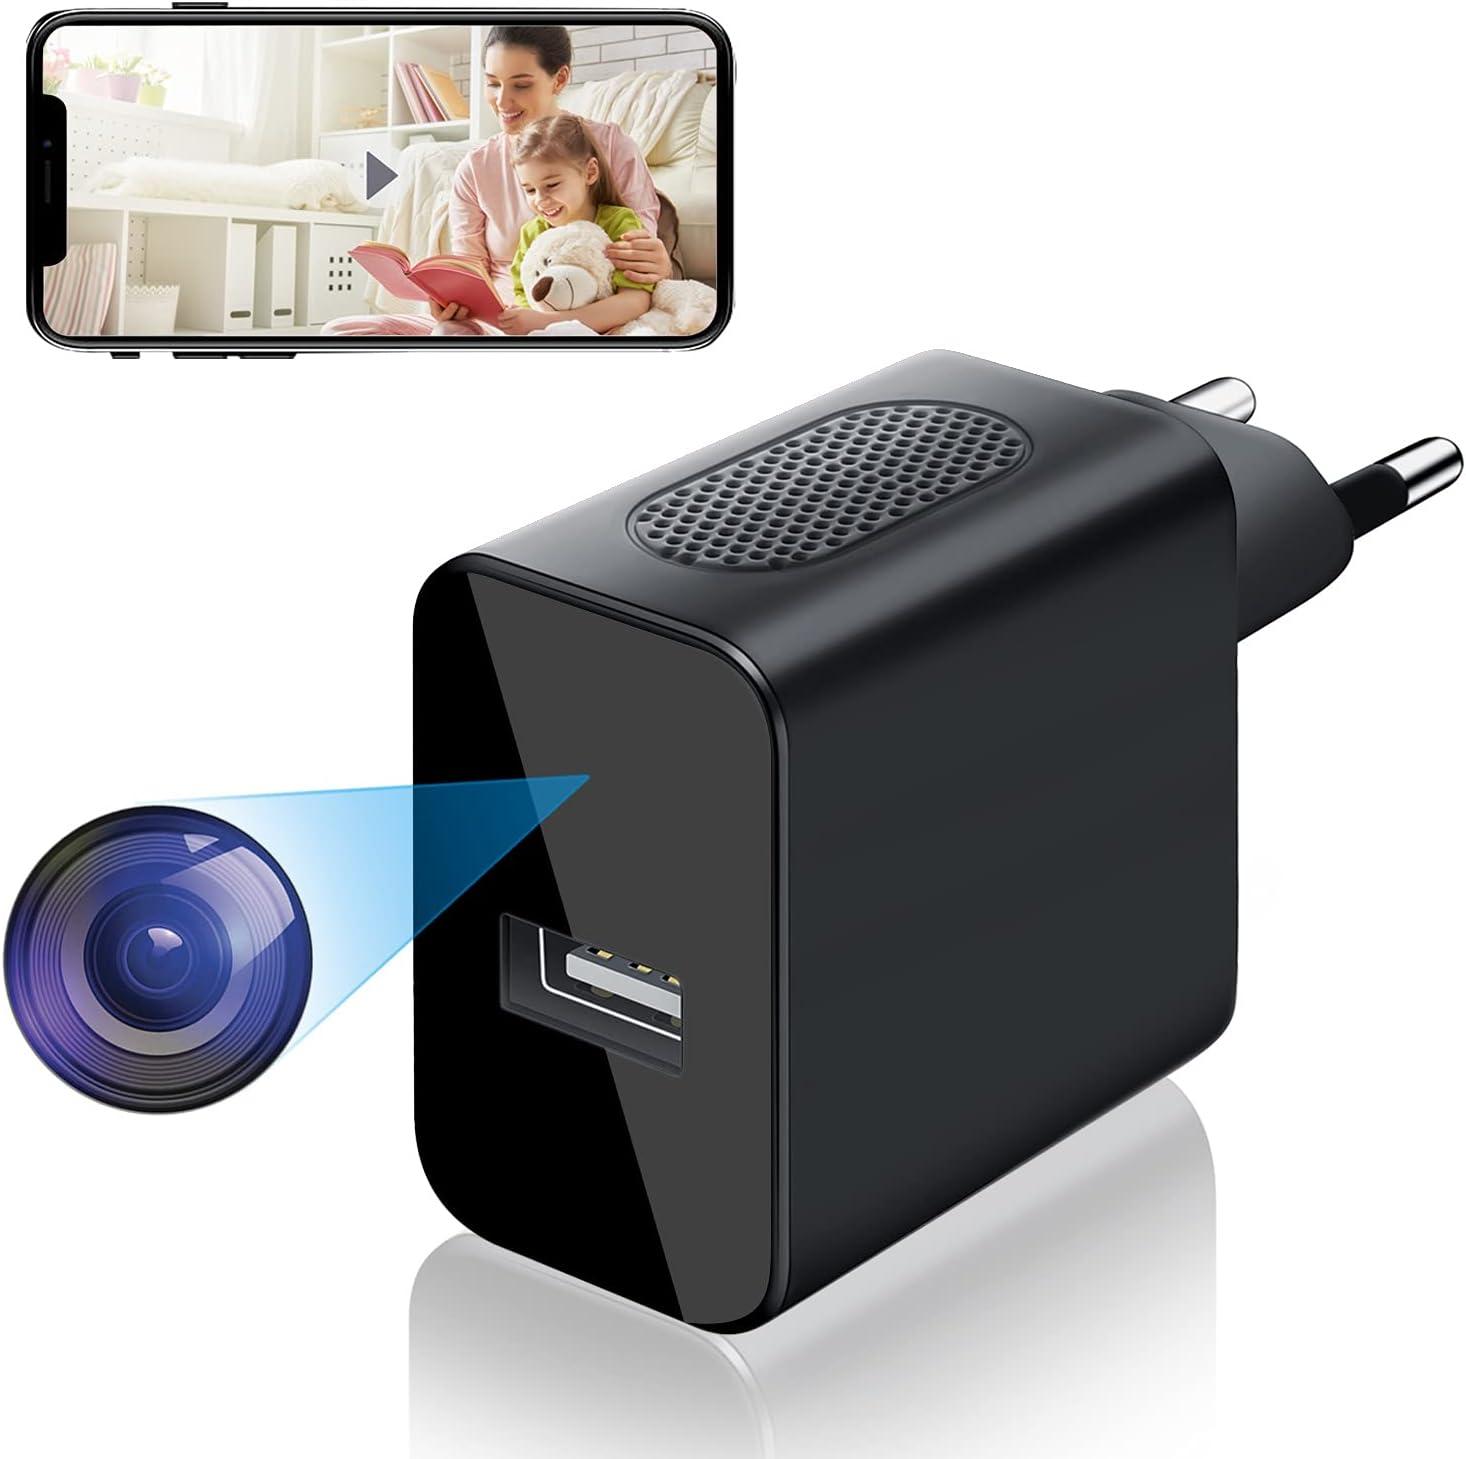 Cámara Espía WiFi USB, Igzyz 4K/1080P